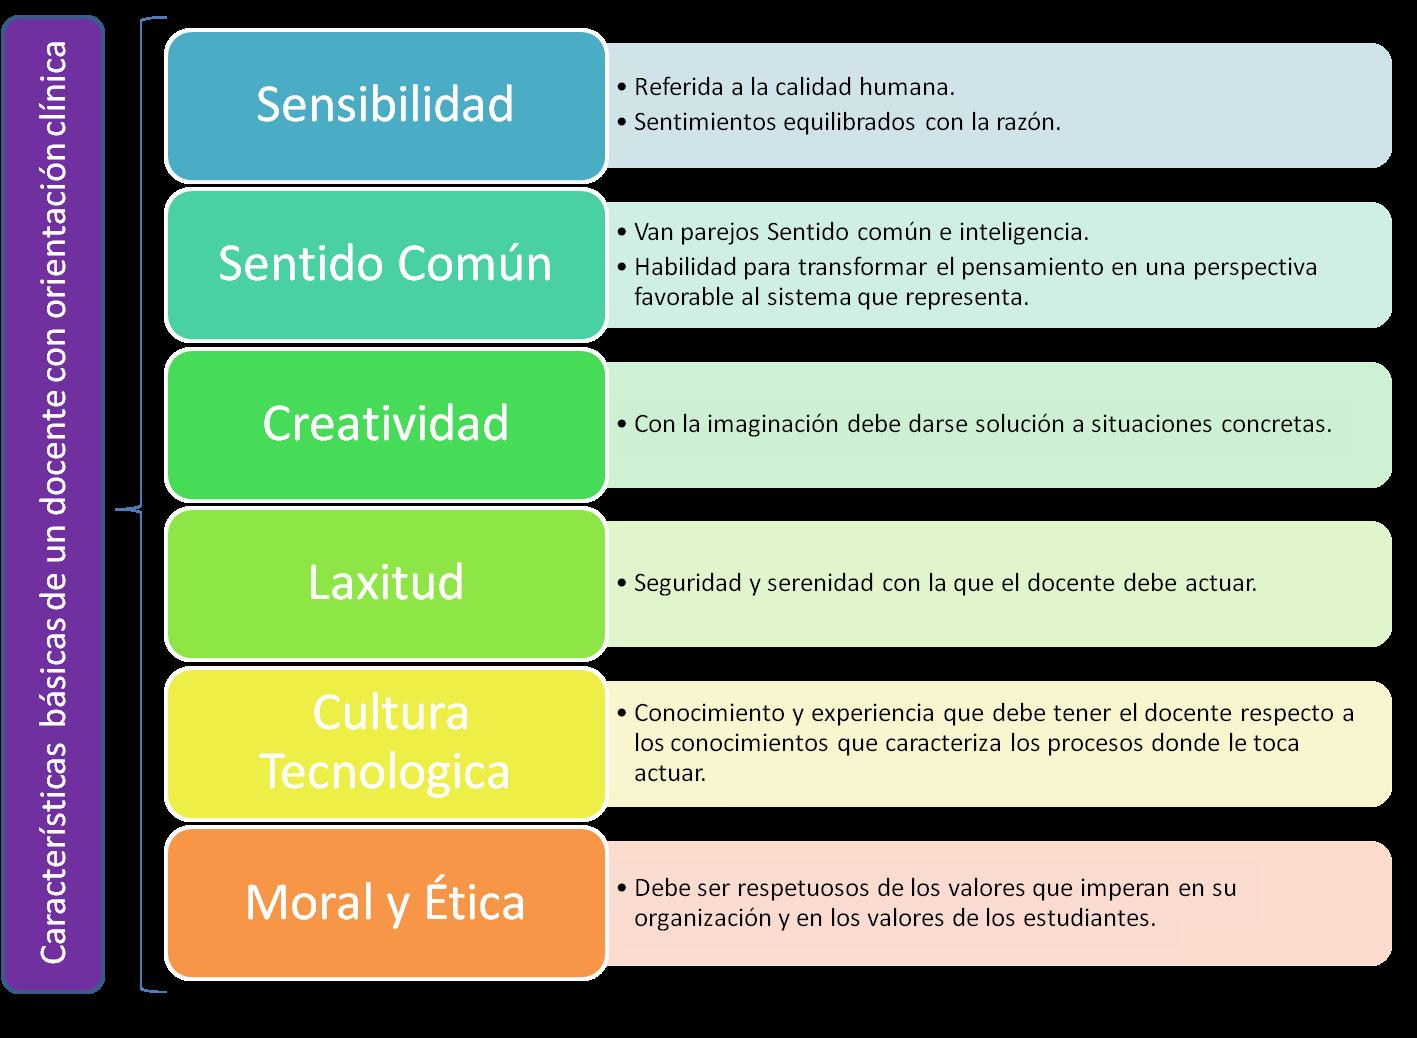 Tecnologia educativa ccq trabajo colaborativo 2 for Cuales son las caracteristicas de un mural